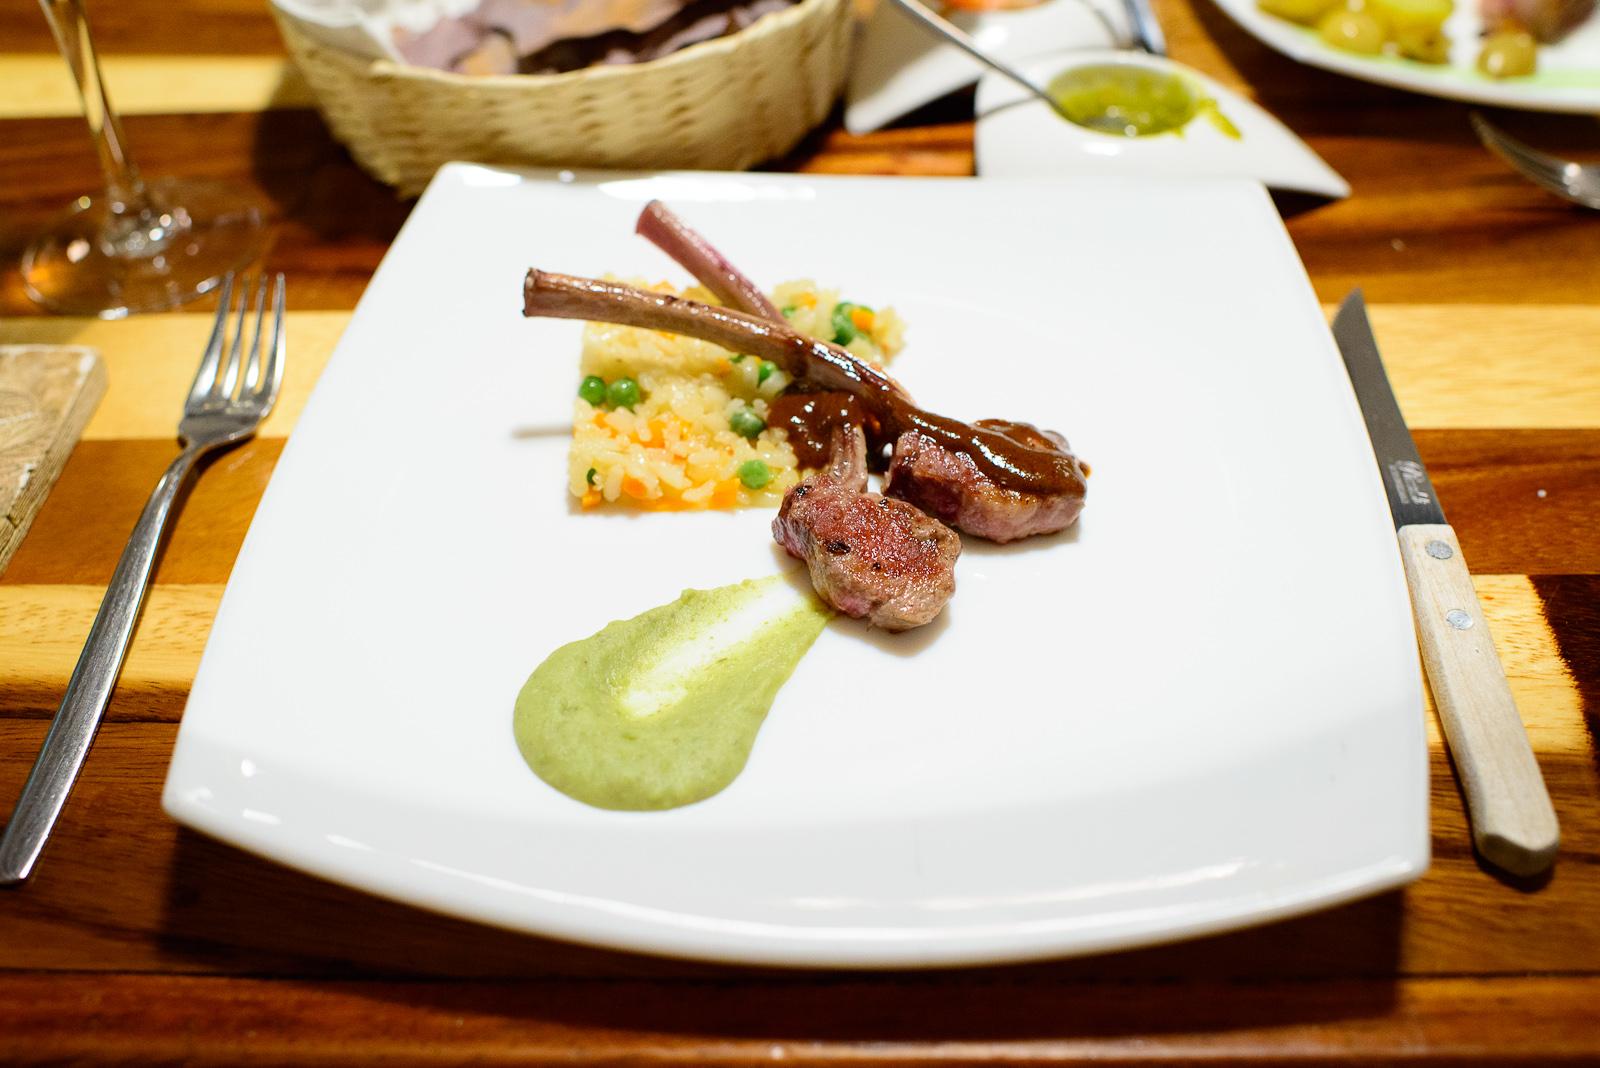 5th Course: Wild pork with coloradito